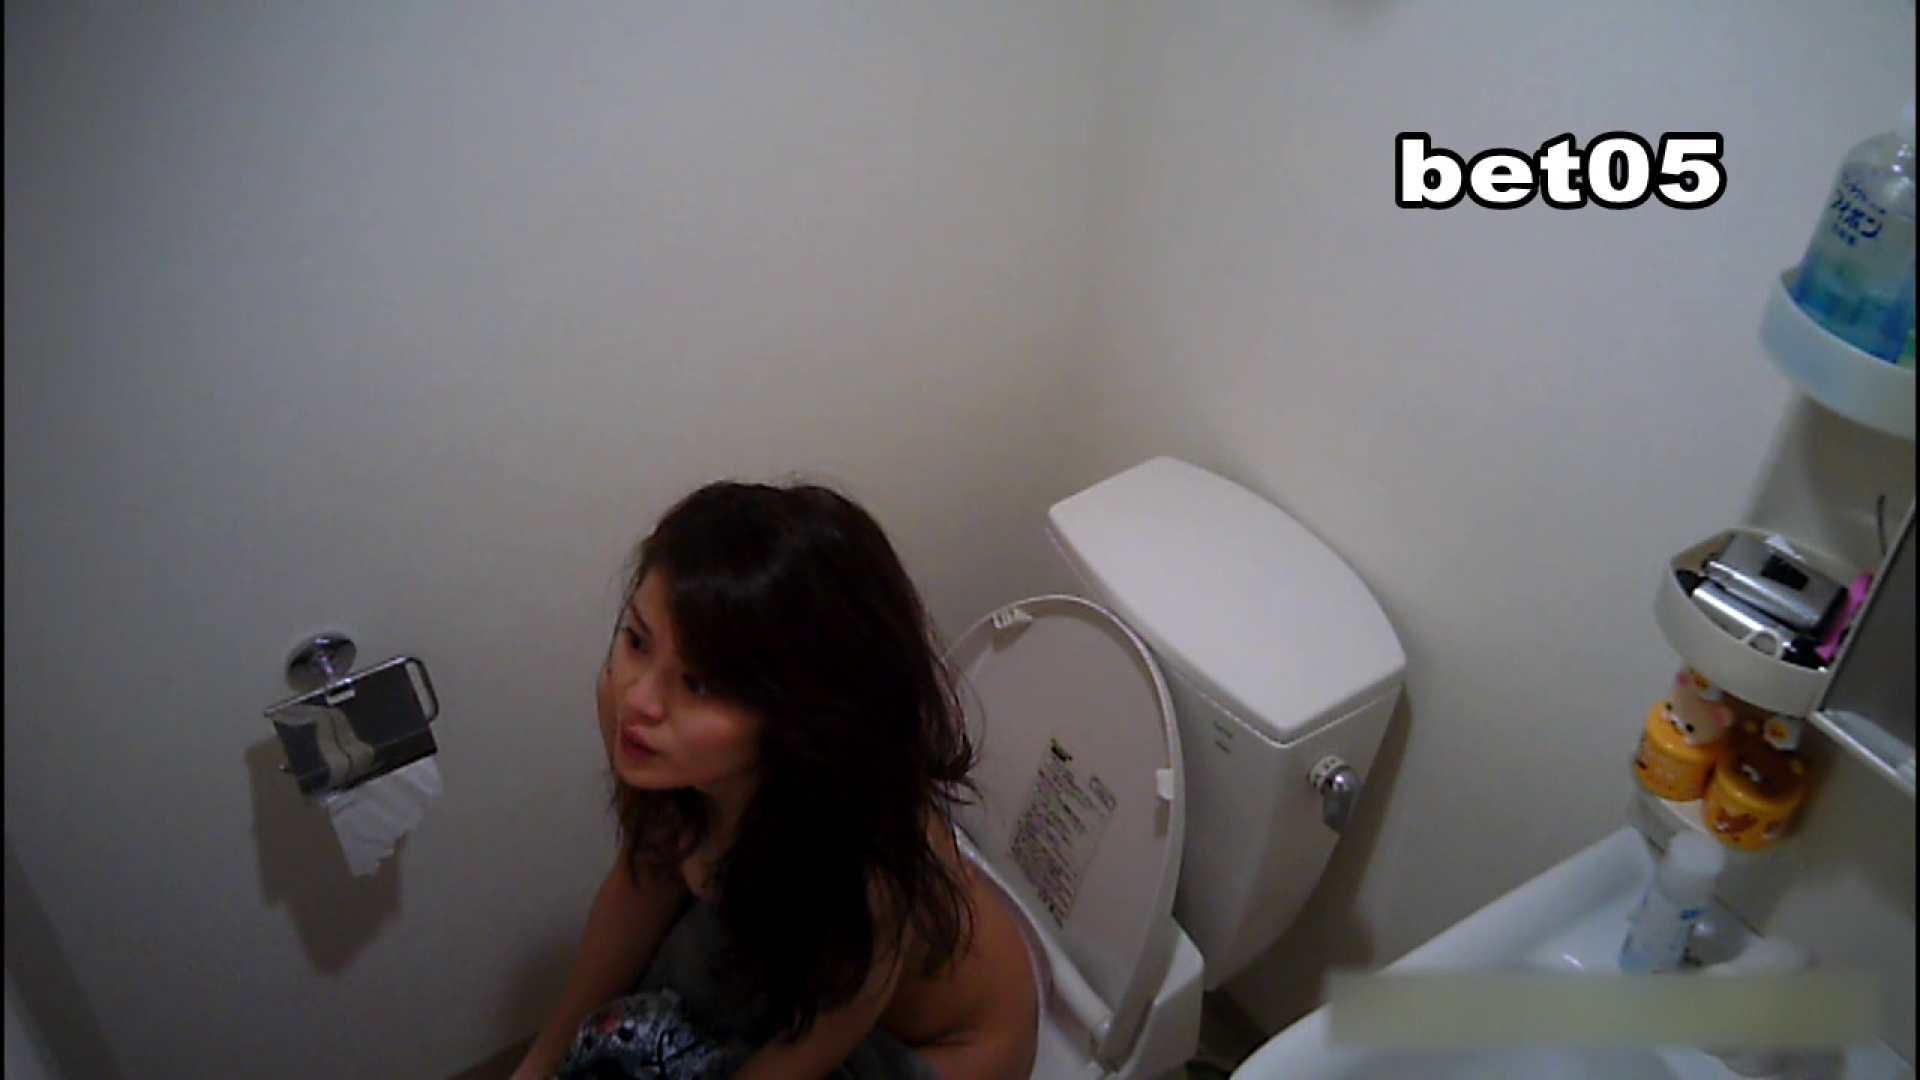 ミキ・大手旅行代理店勤務(24歳・仮名) vol.05 オマケで全裸洗面所も公開 リベンジ  100PIX 22